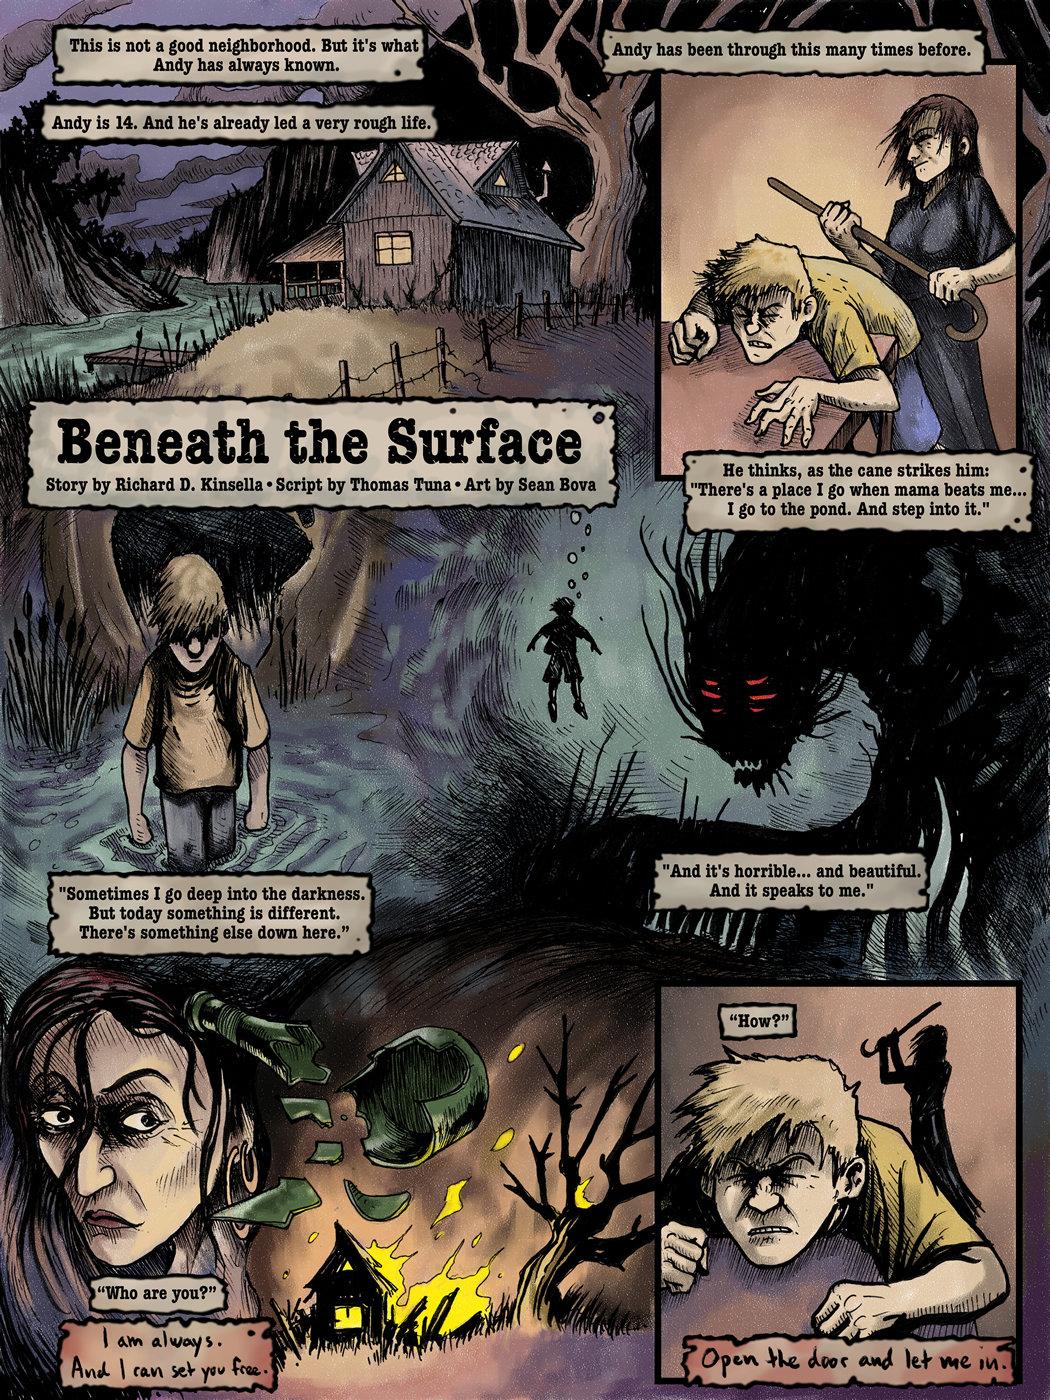 BeneaththeSurface1.jpg